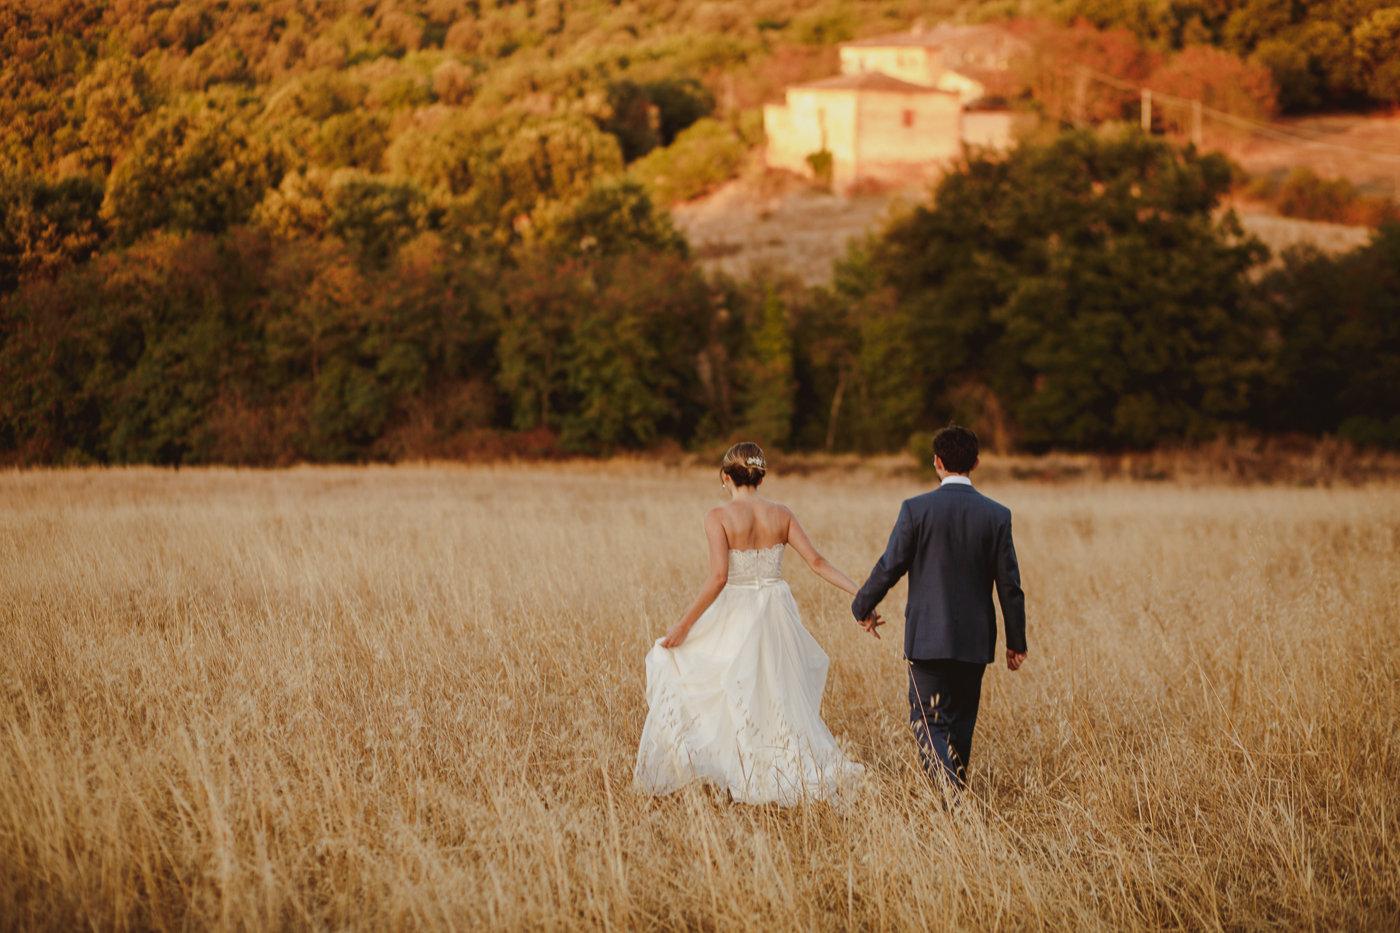 tenuta-di-bichi-borghesi-wedding-41.jpg